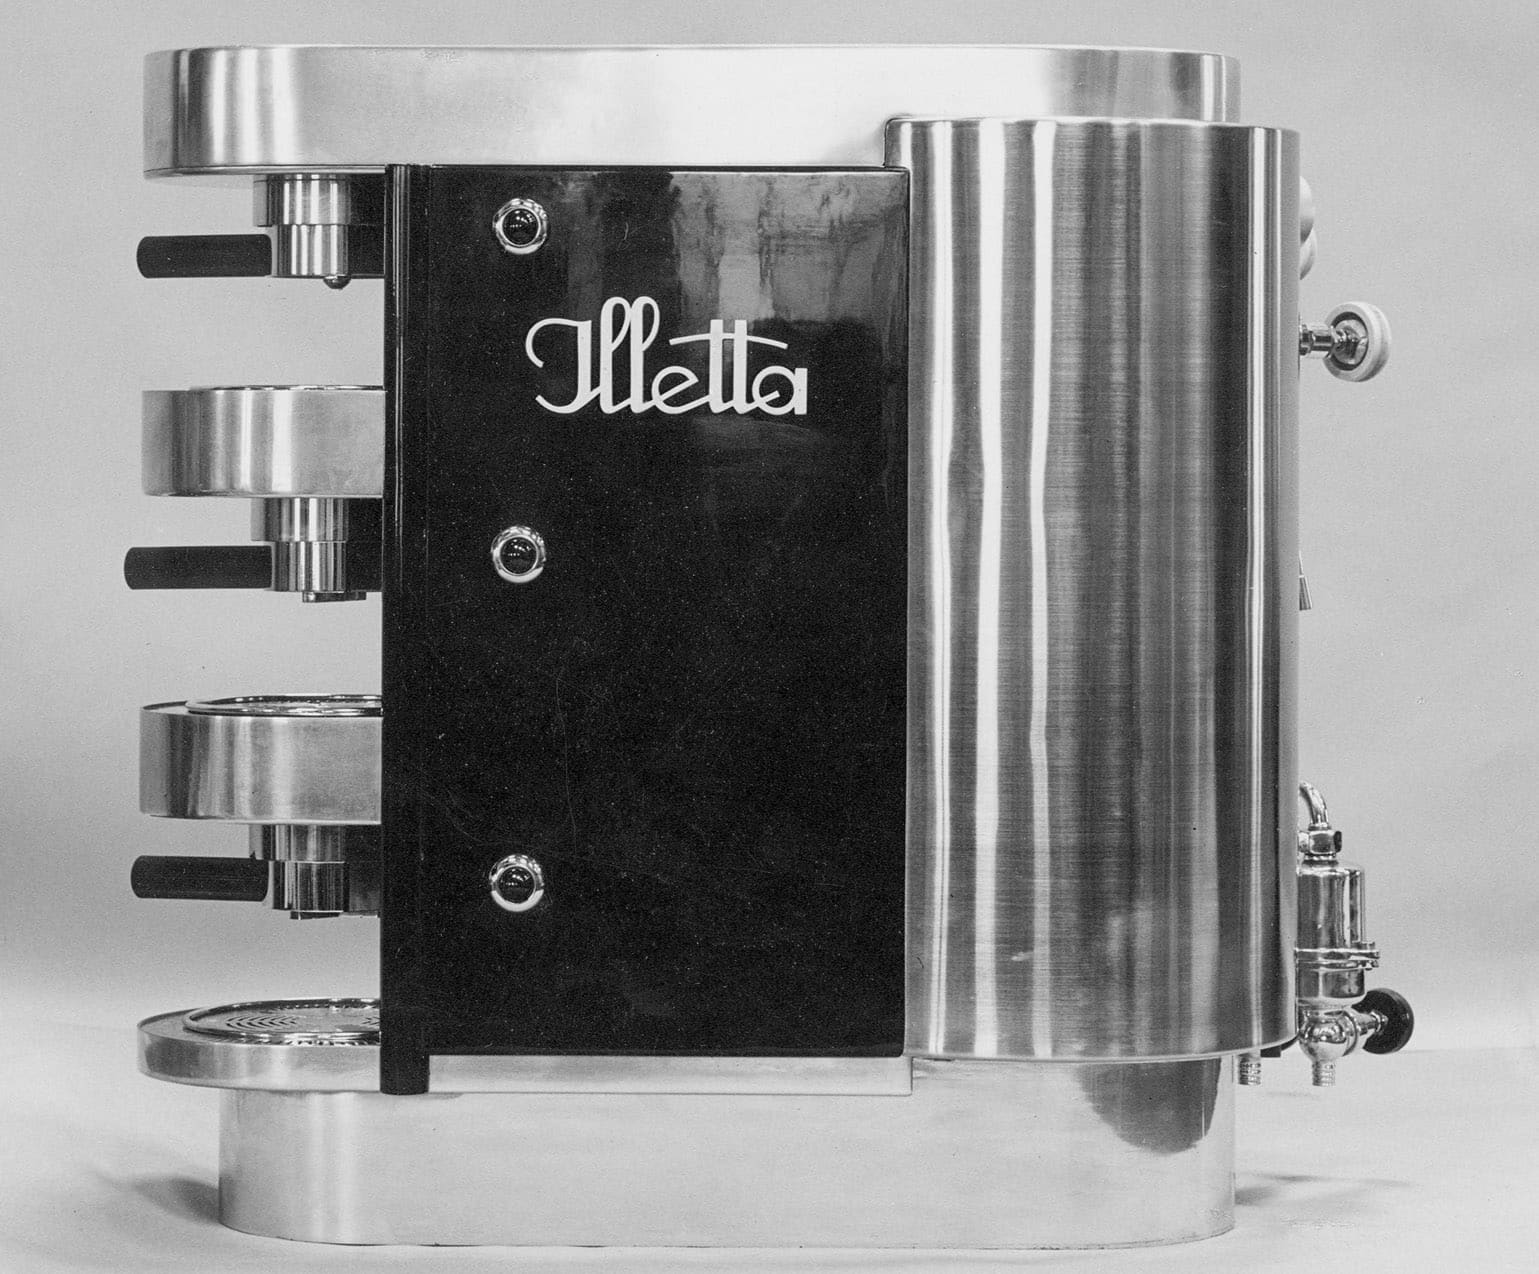 illetta 1935